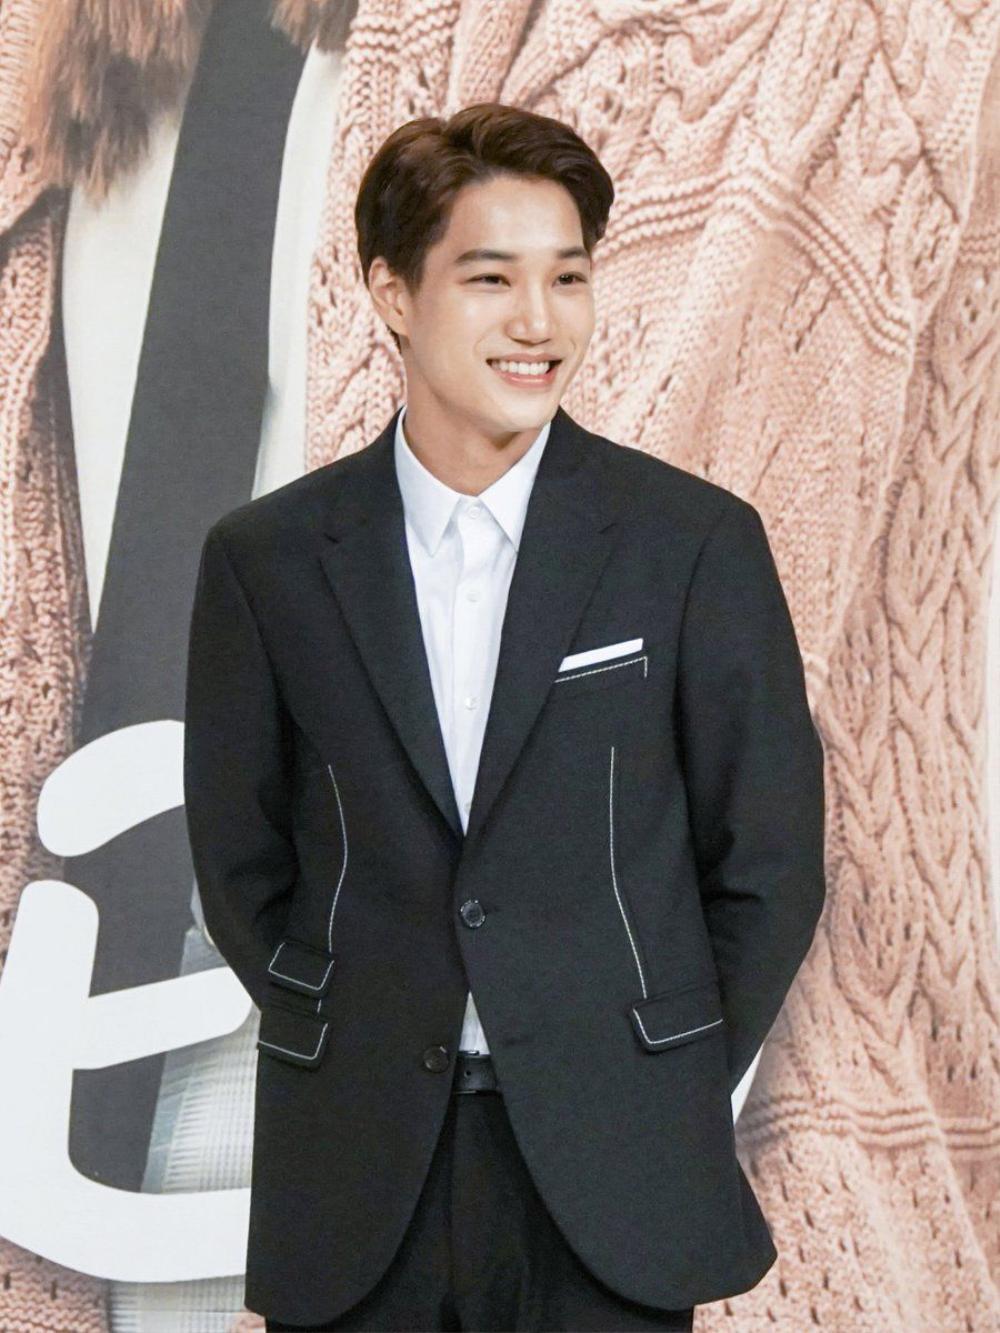 Phản ứng trái ngược khi solo của các thành viên EXO, Kai háo hức mong chờ còn Baekhyun lo đến mức viêm ruột Ảnh 4